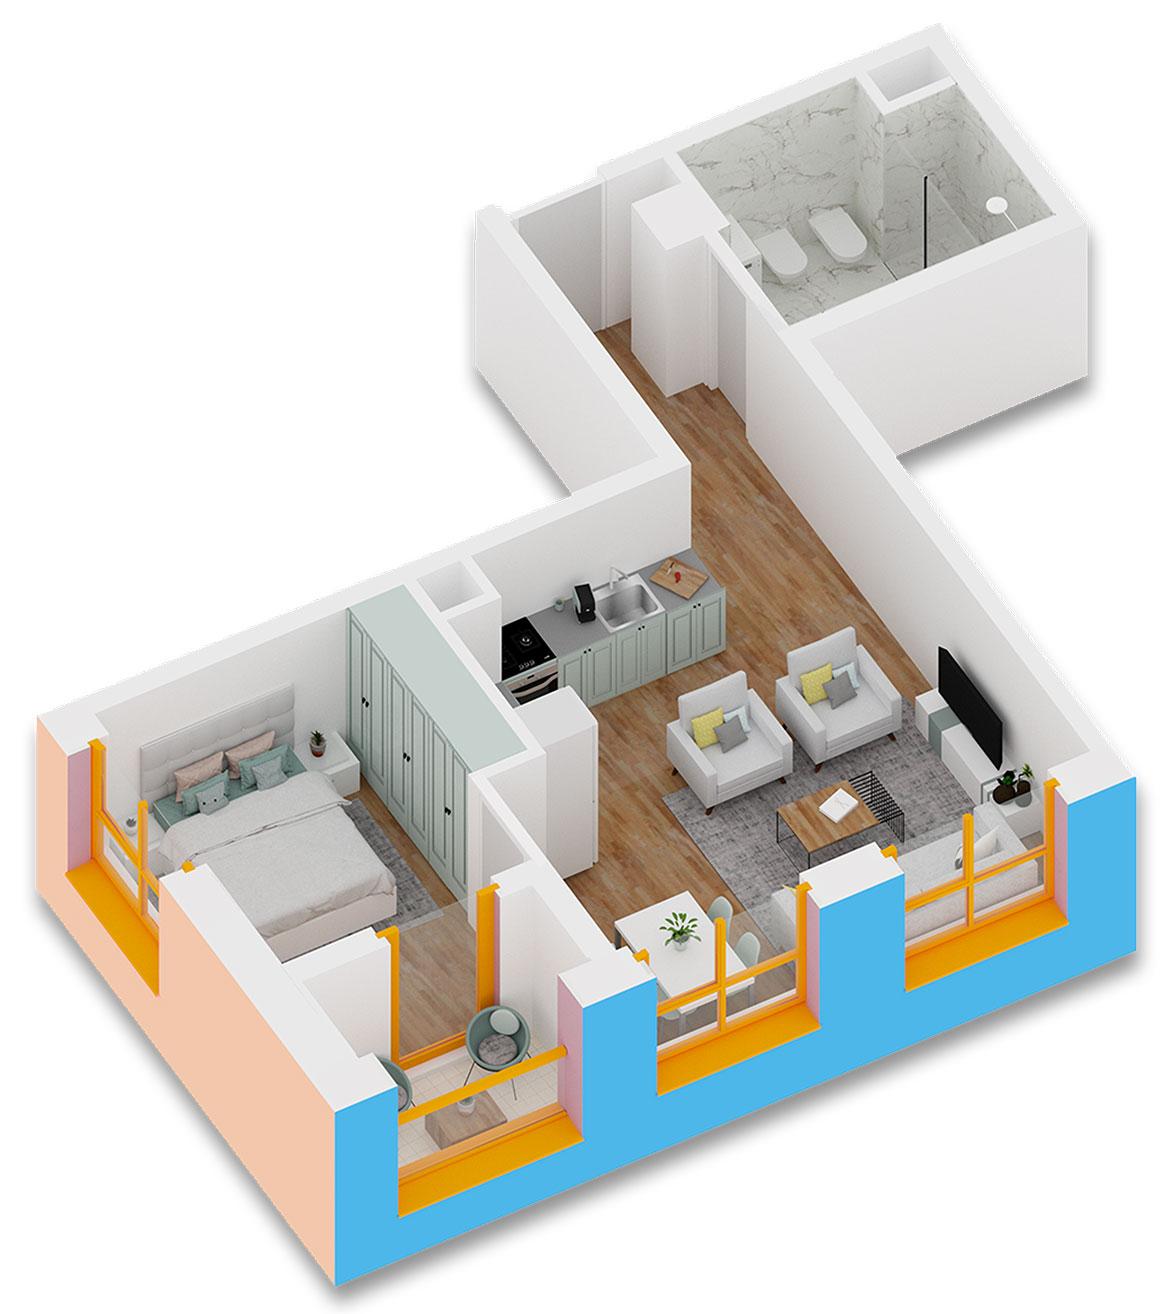 Apartament 1+1 në shitje në Tiranë - Mangalem 21 Shkalla 10 Kati 3